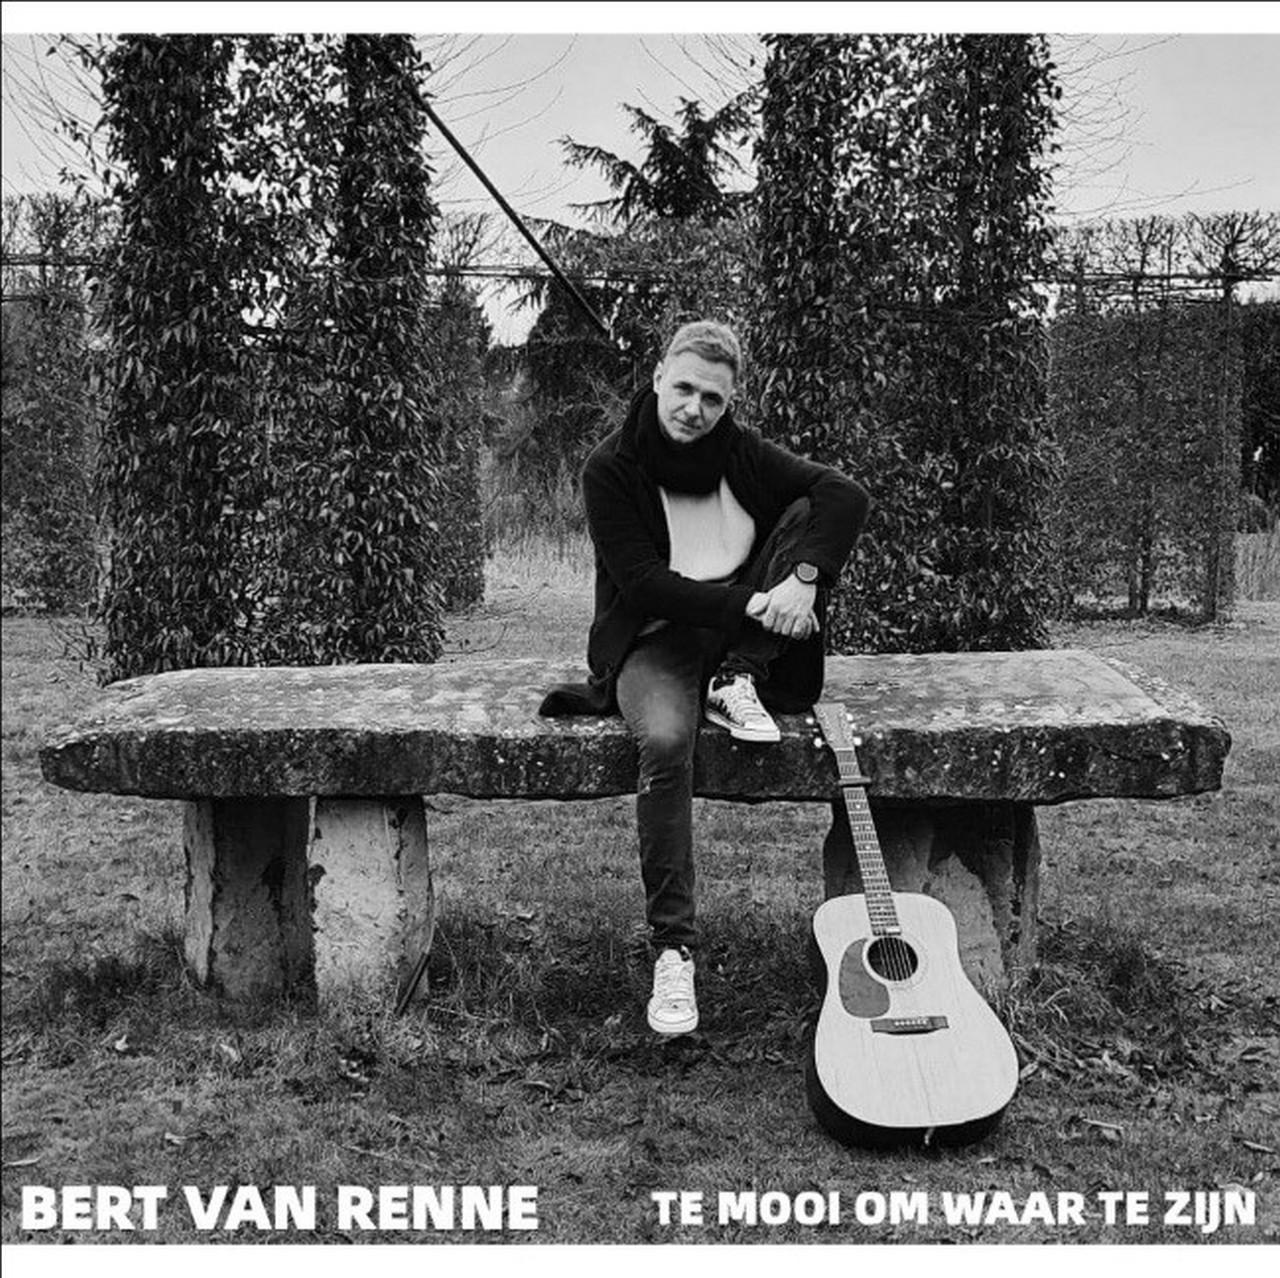 Bert Van Venne